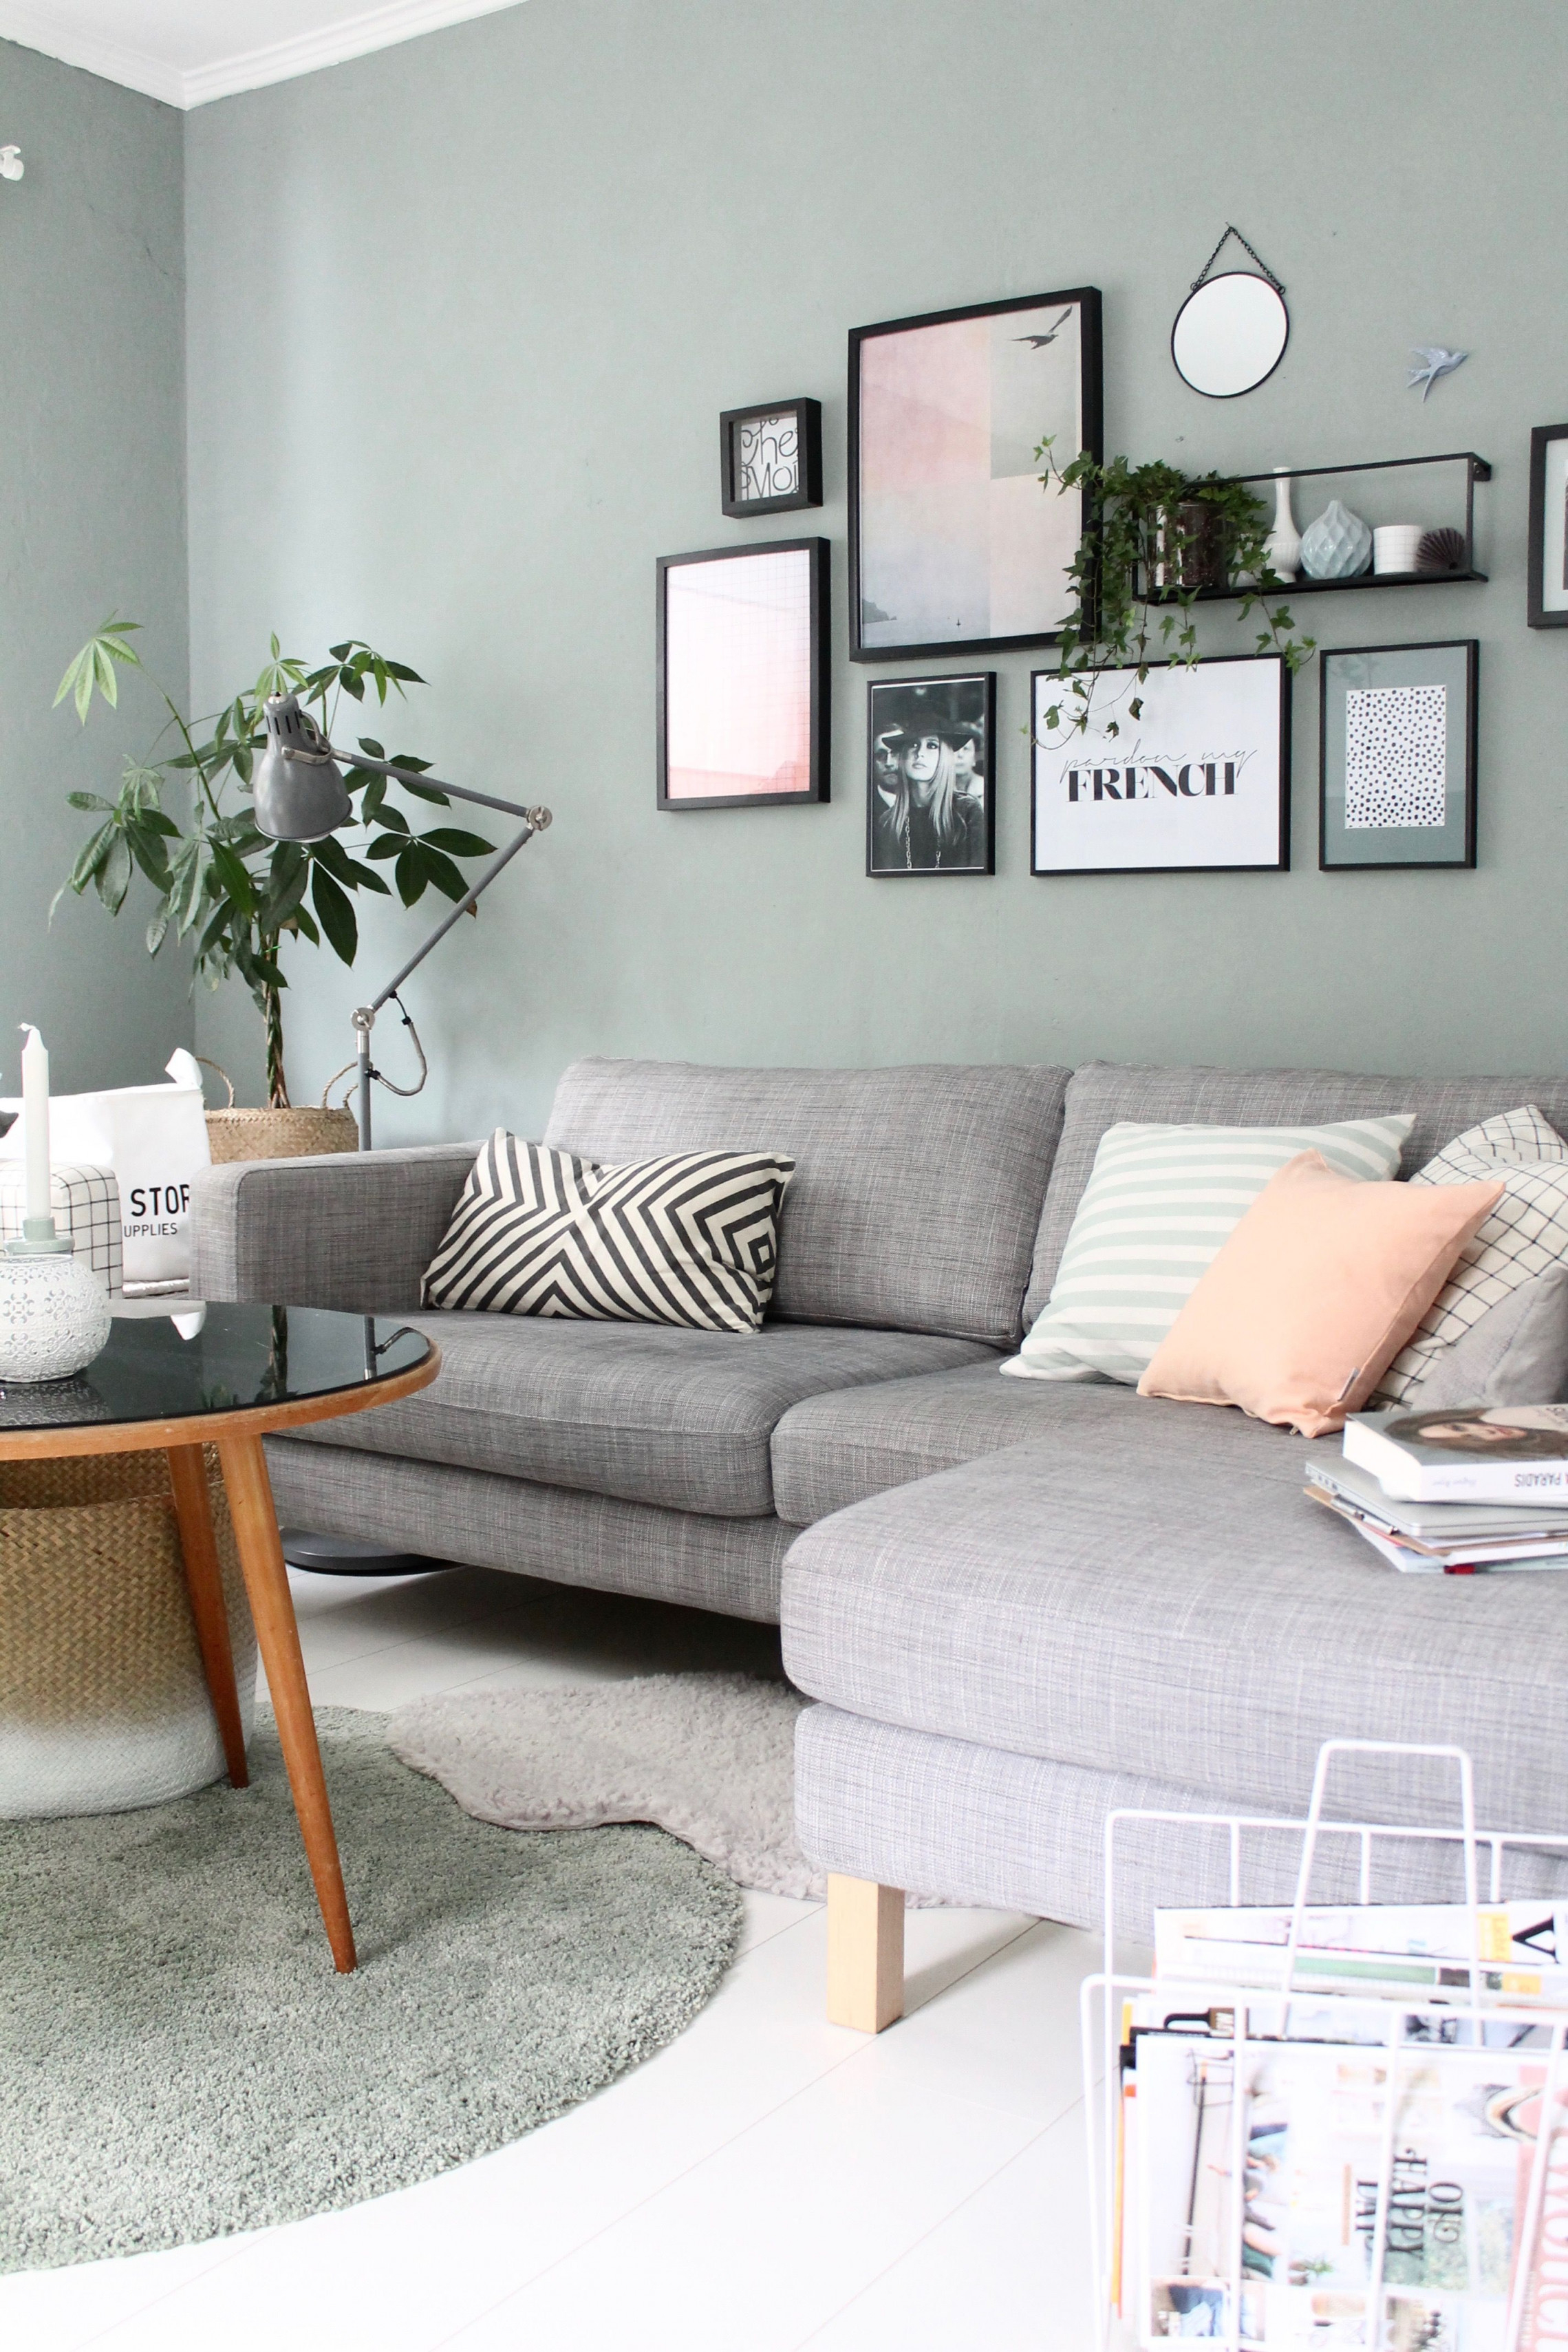 Eine Sanfte Wandfarbe Im Wohnzimmer Wwwkolorat Kolorat von Wohnzimmer Ideen Wandfarbe Bild